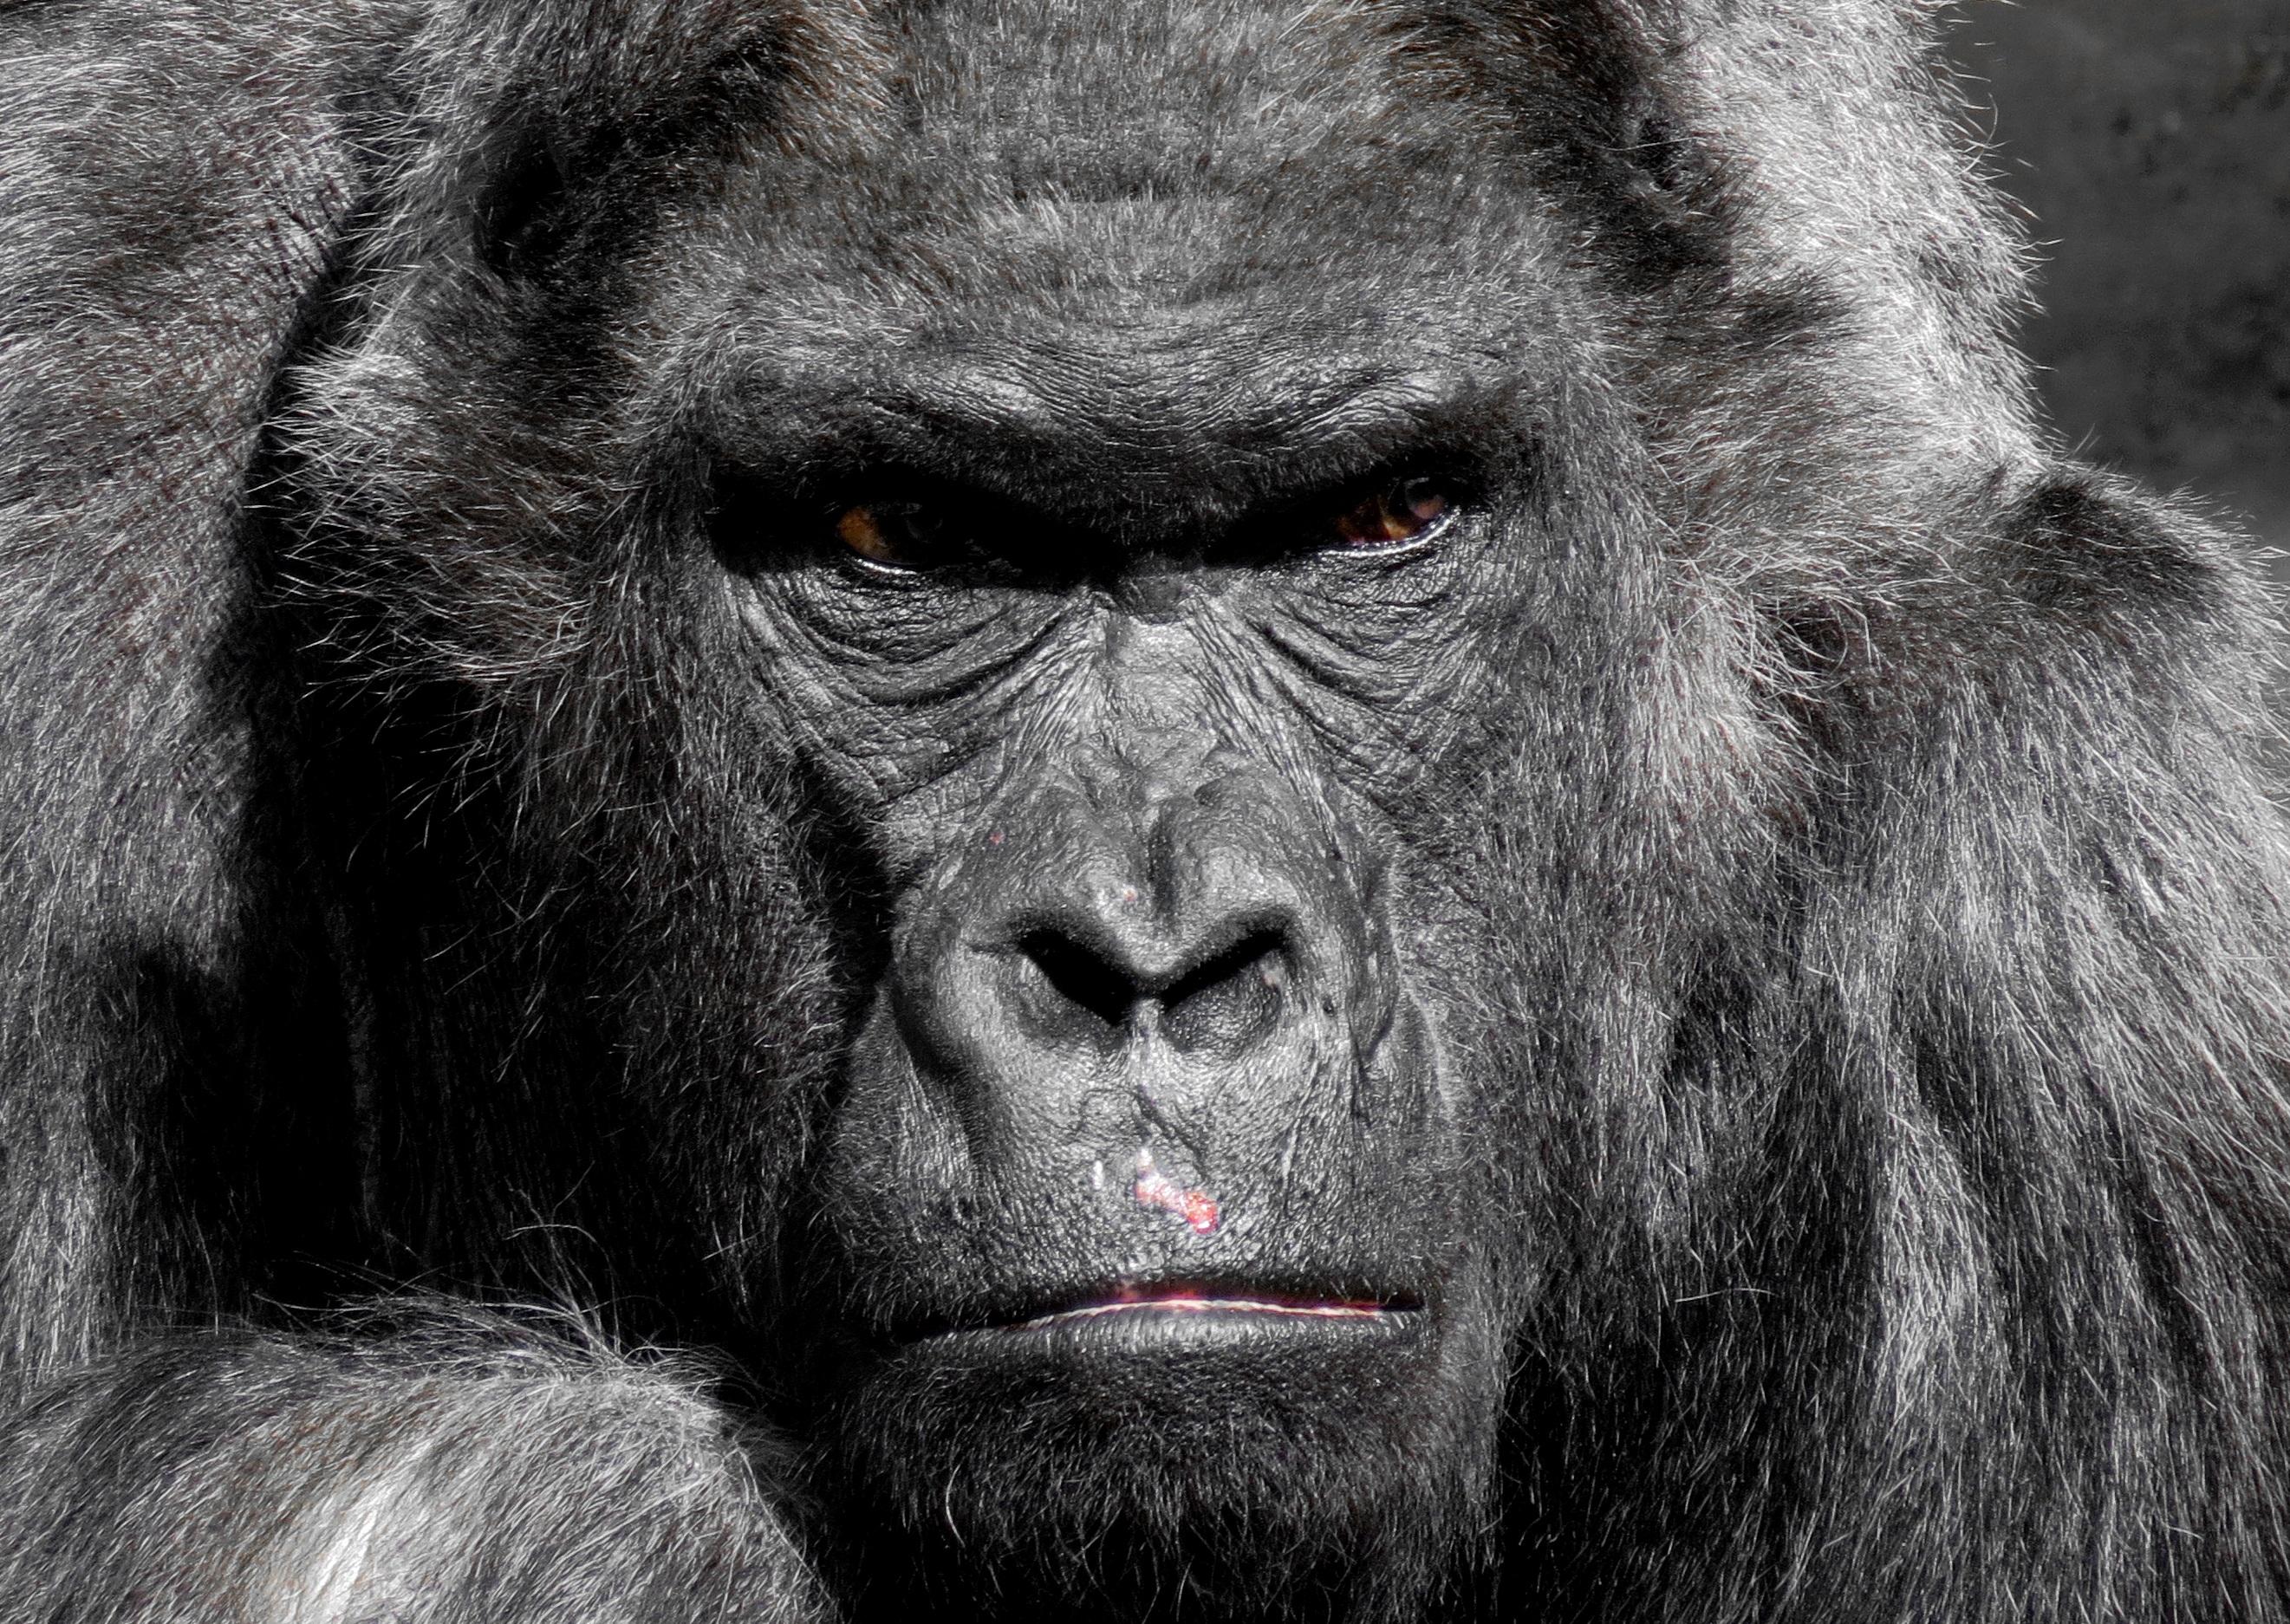 gorilla-752875